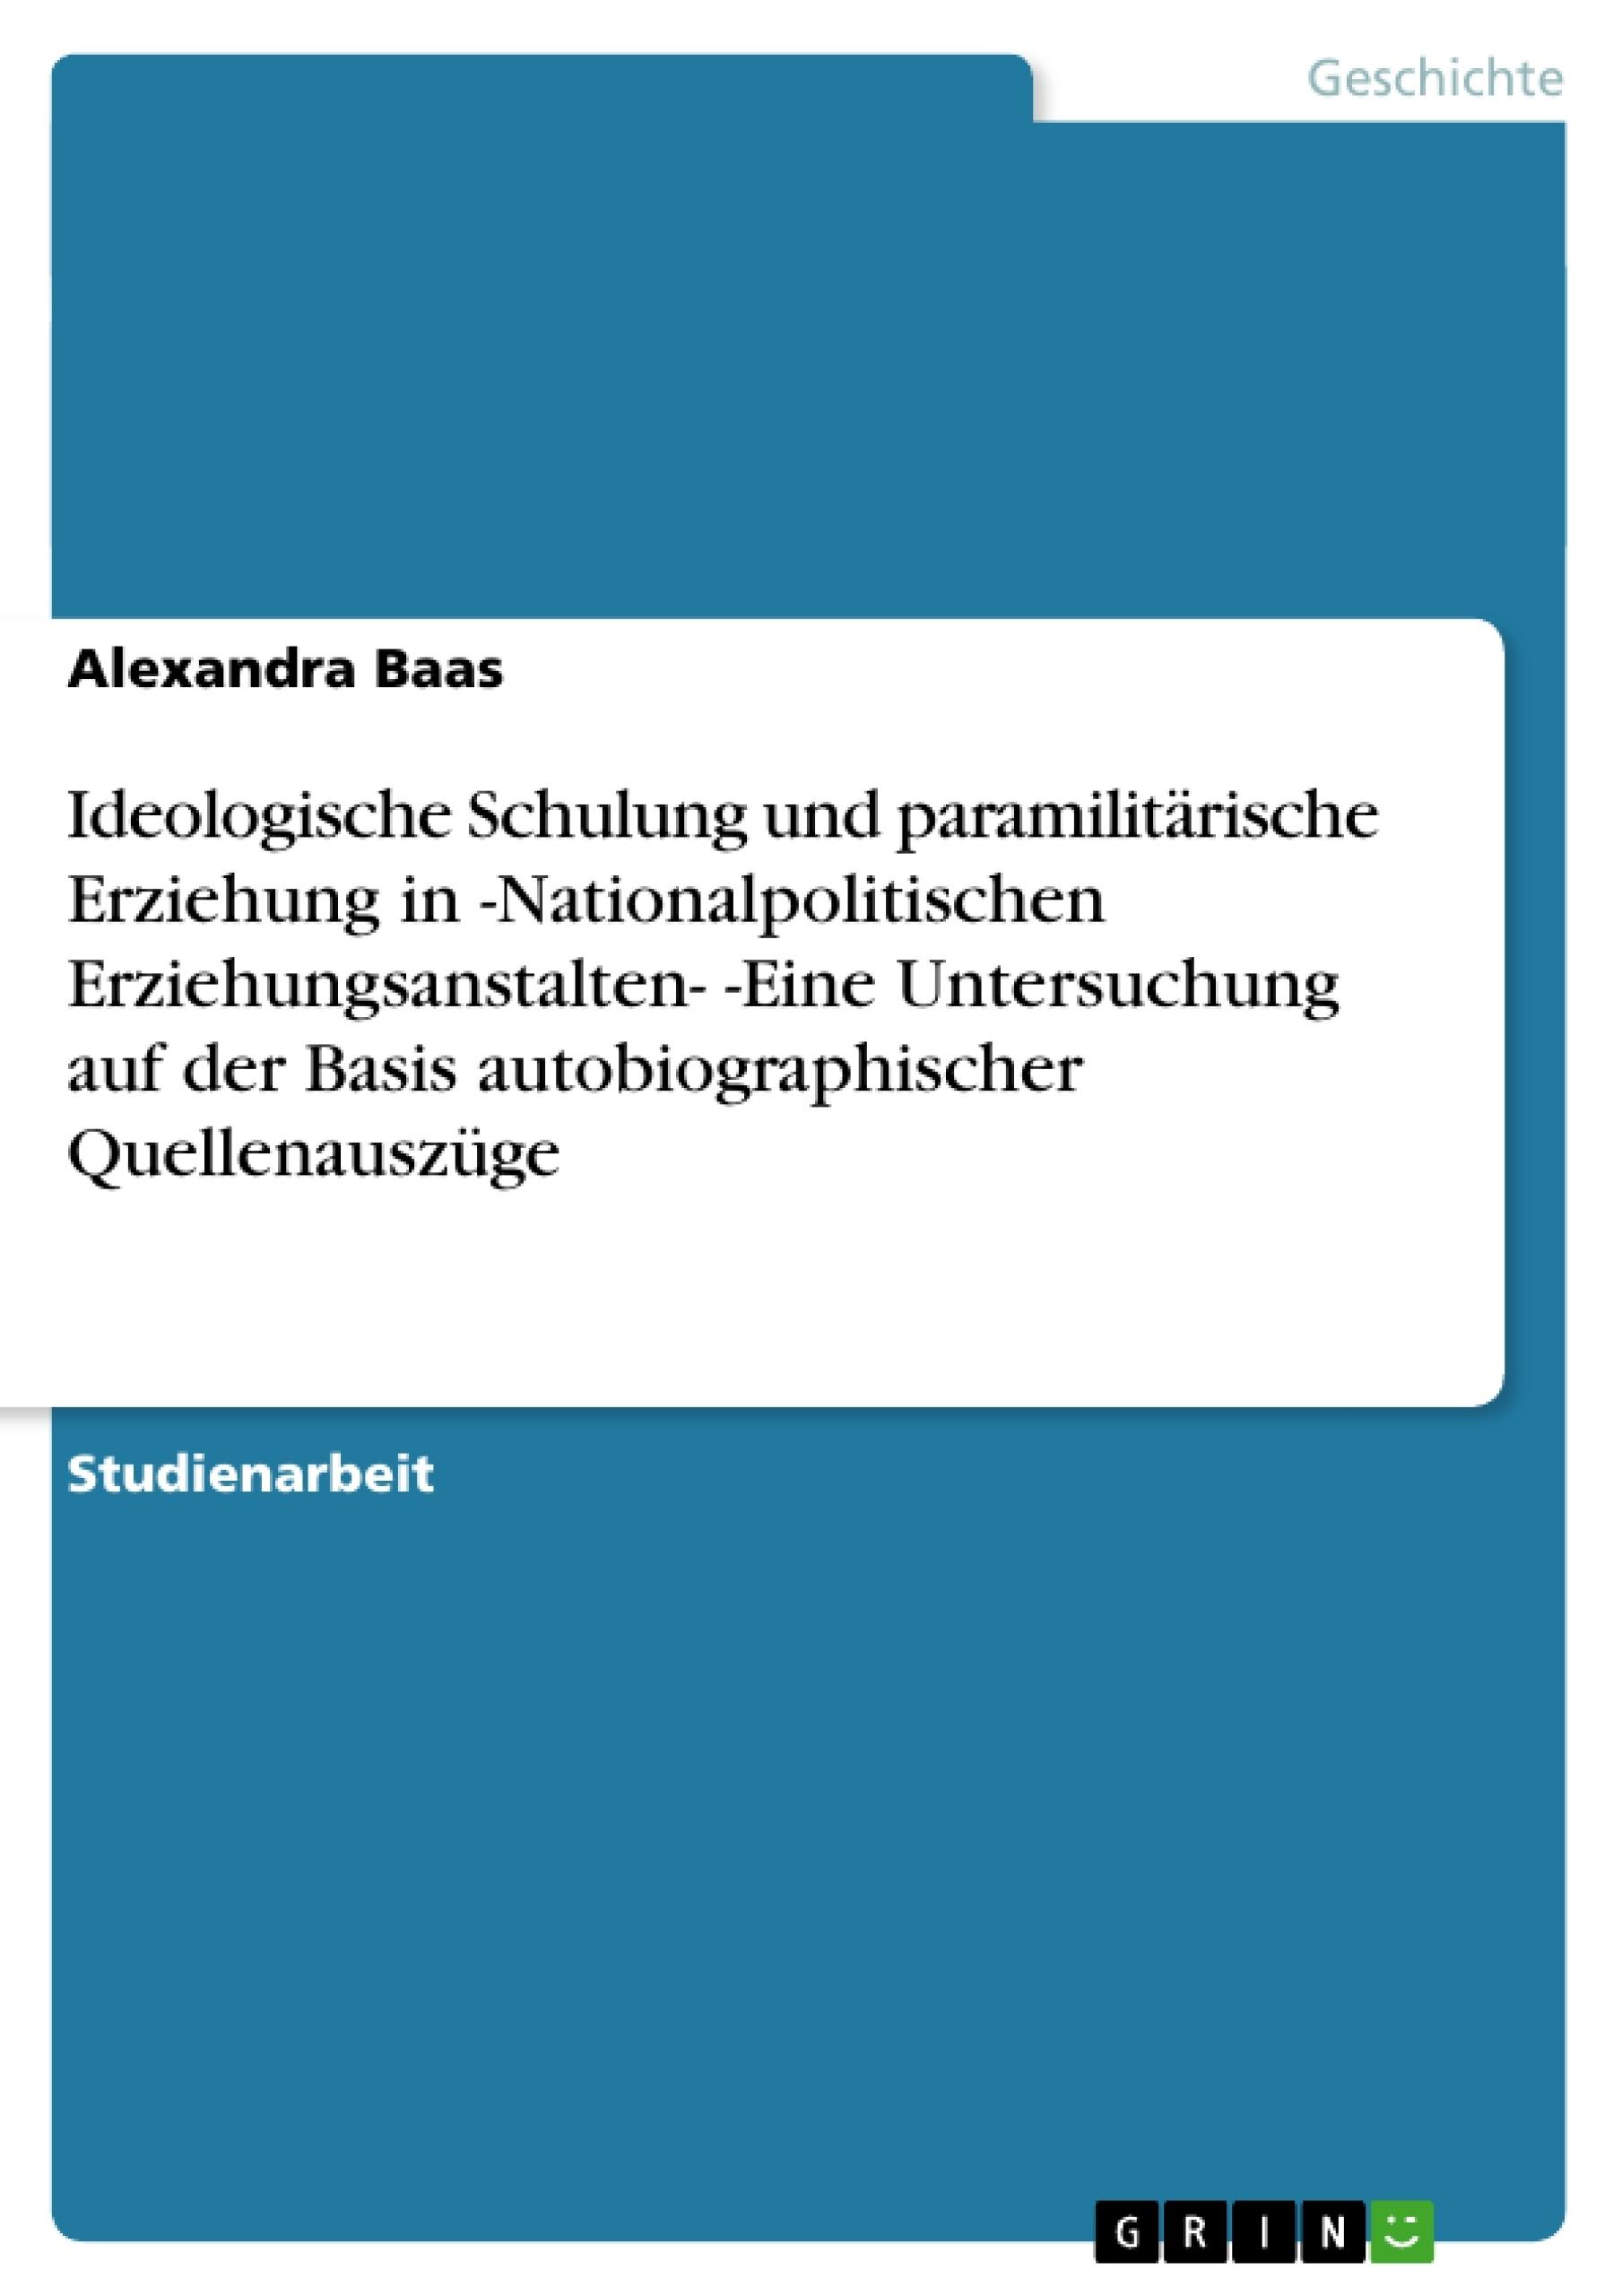 Titel: Ideologische Schulung und paramilitärische Erziehung in -Nationalpolitischen Erziehungsanstalten- -Eine Untersuchung auf der Basis autobiographischer Quellenauszüge